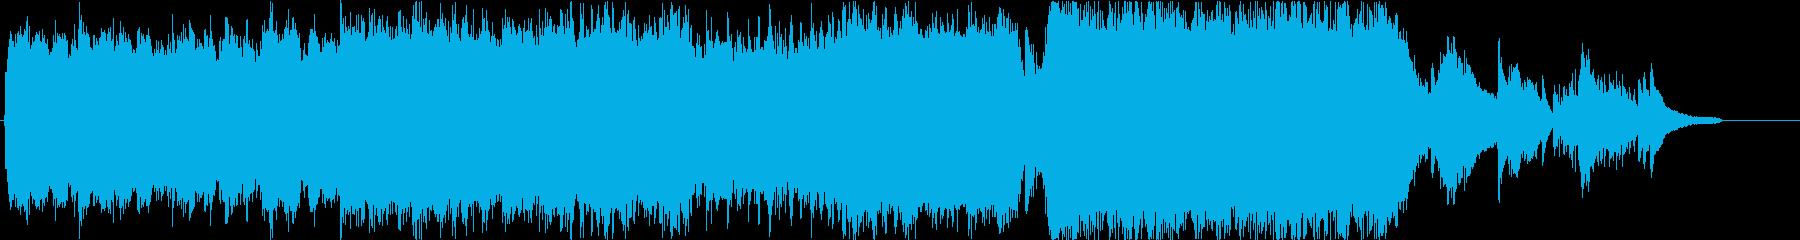 寂しい雰囲気のストリングスの再生済みの波形